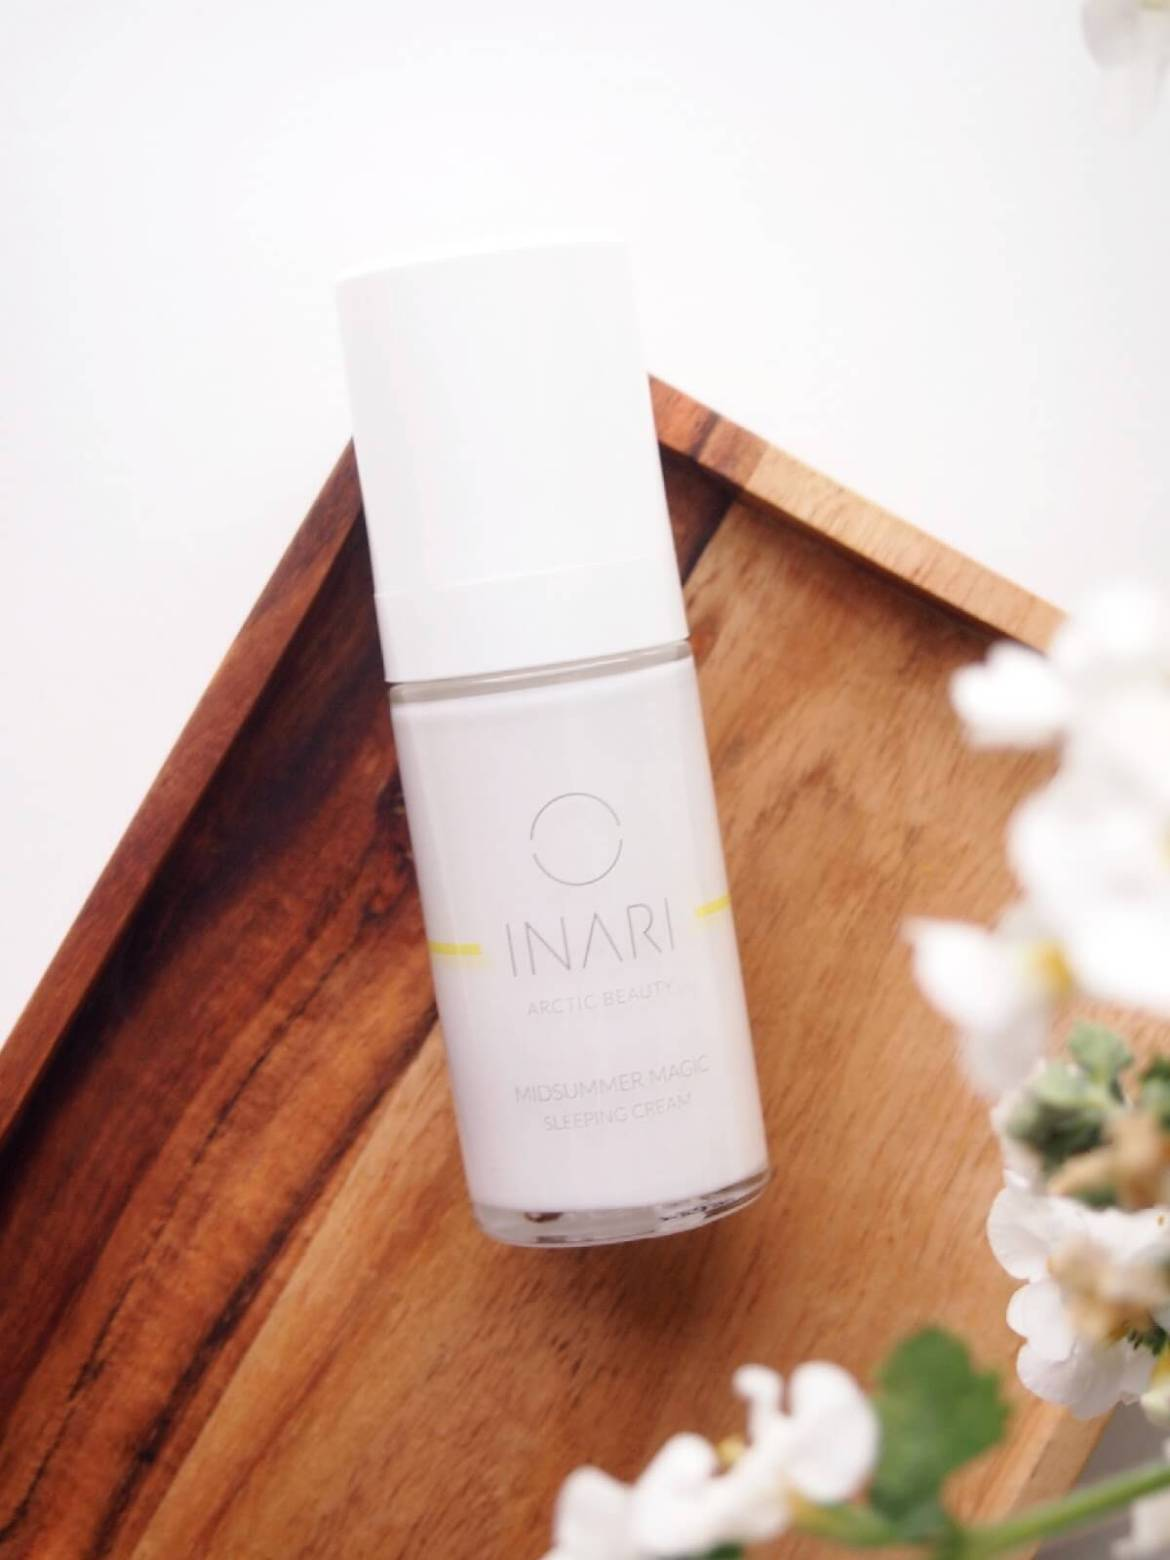 inari cosmetics yövoide kasvoille